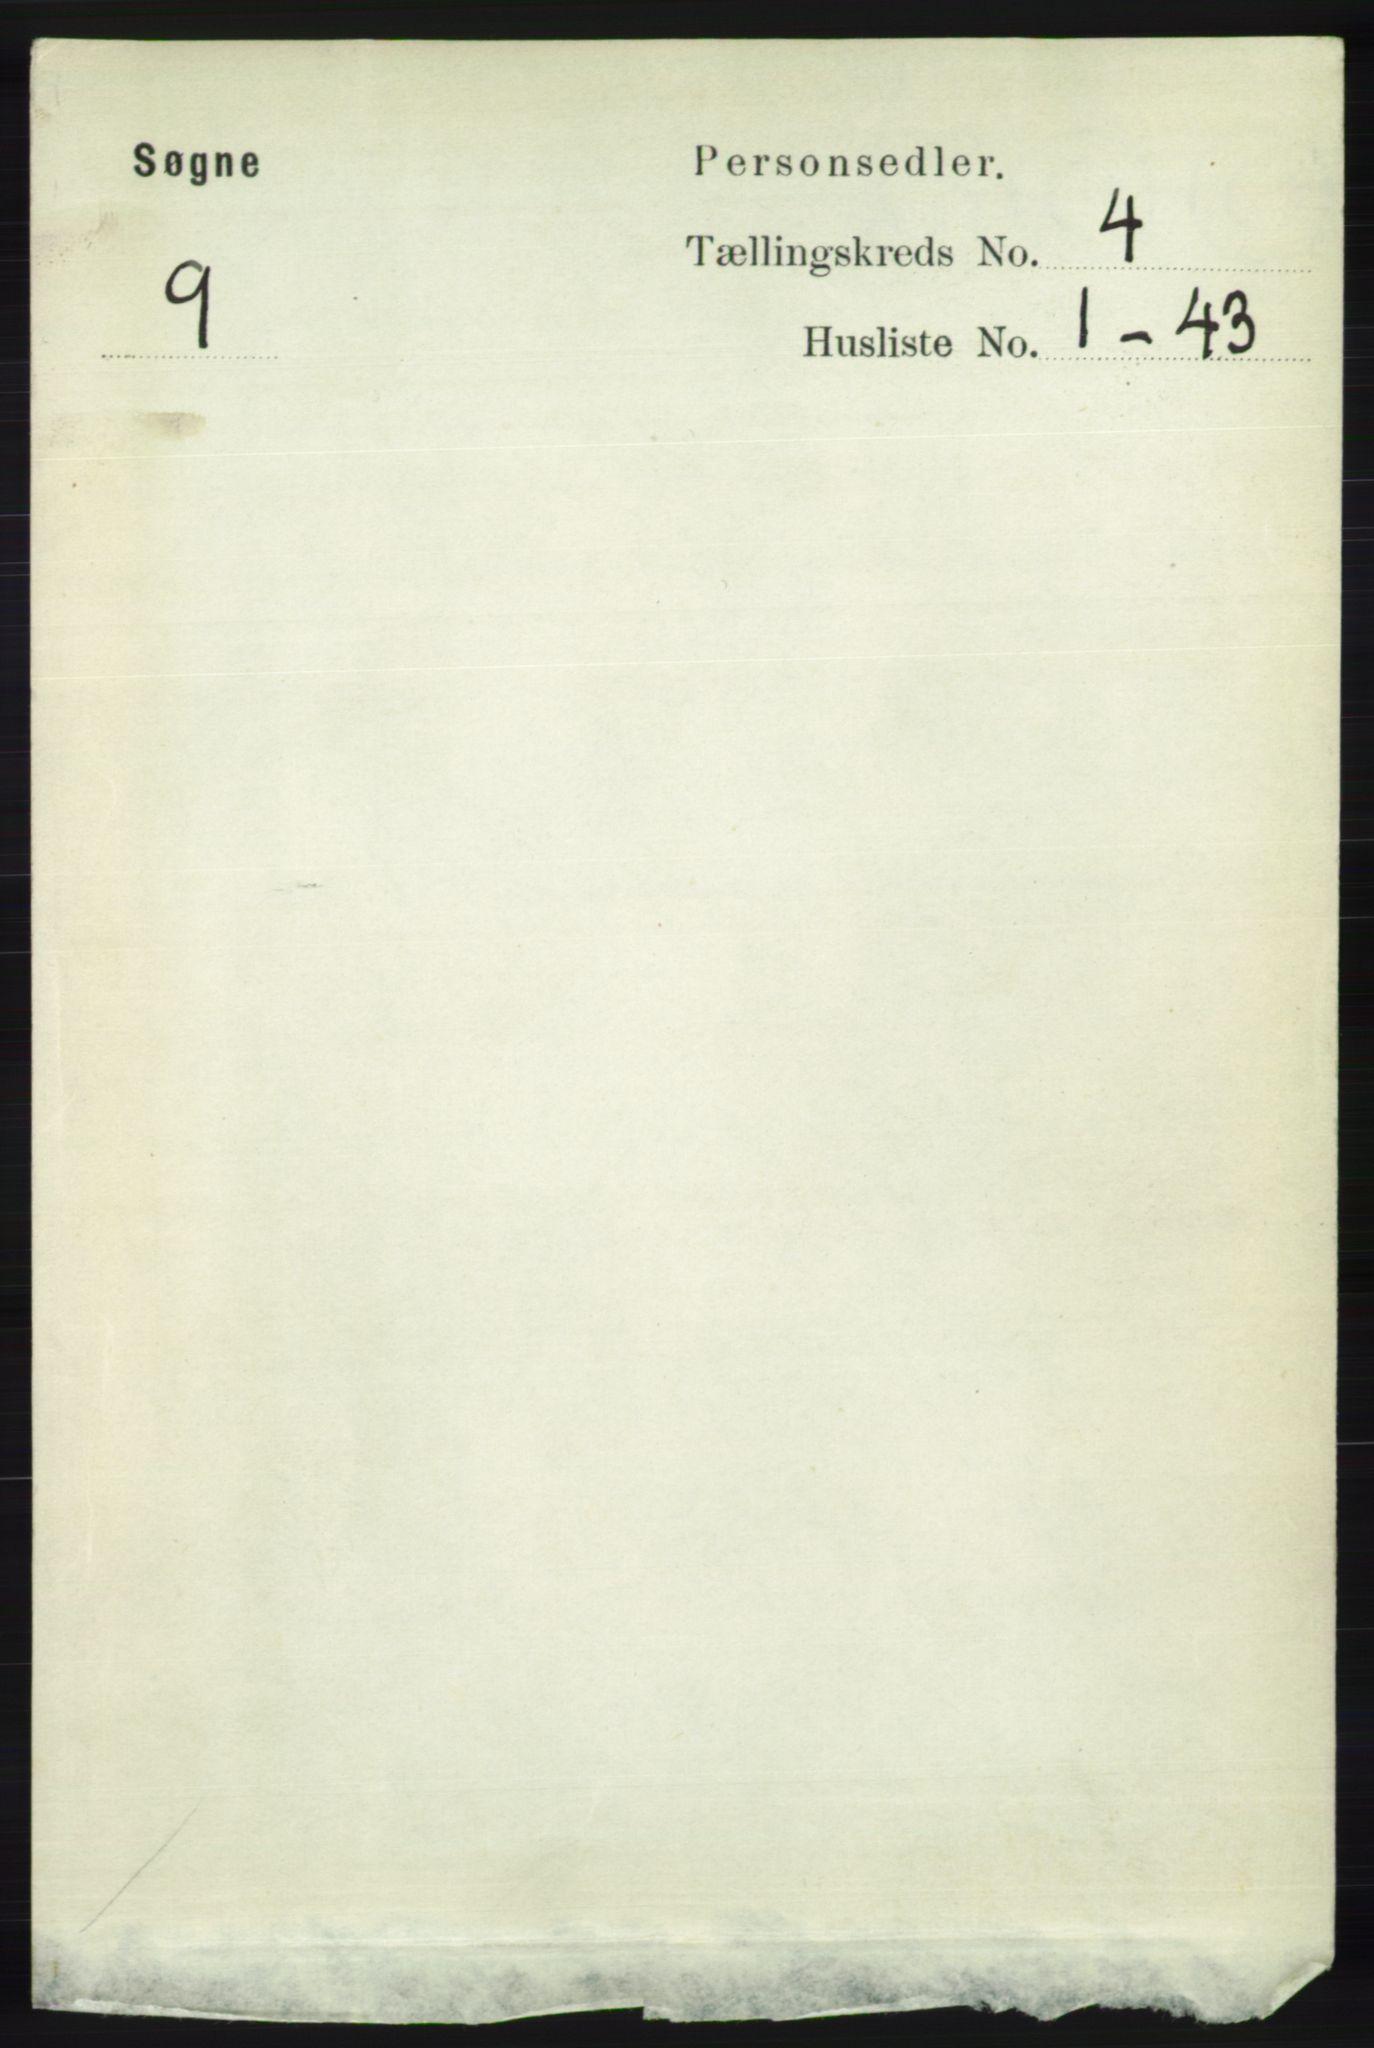 RA, Folketelling 1891 for 1018 Søgne herred, 1891, s. 629